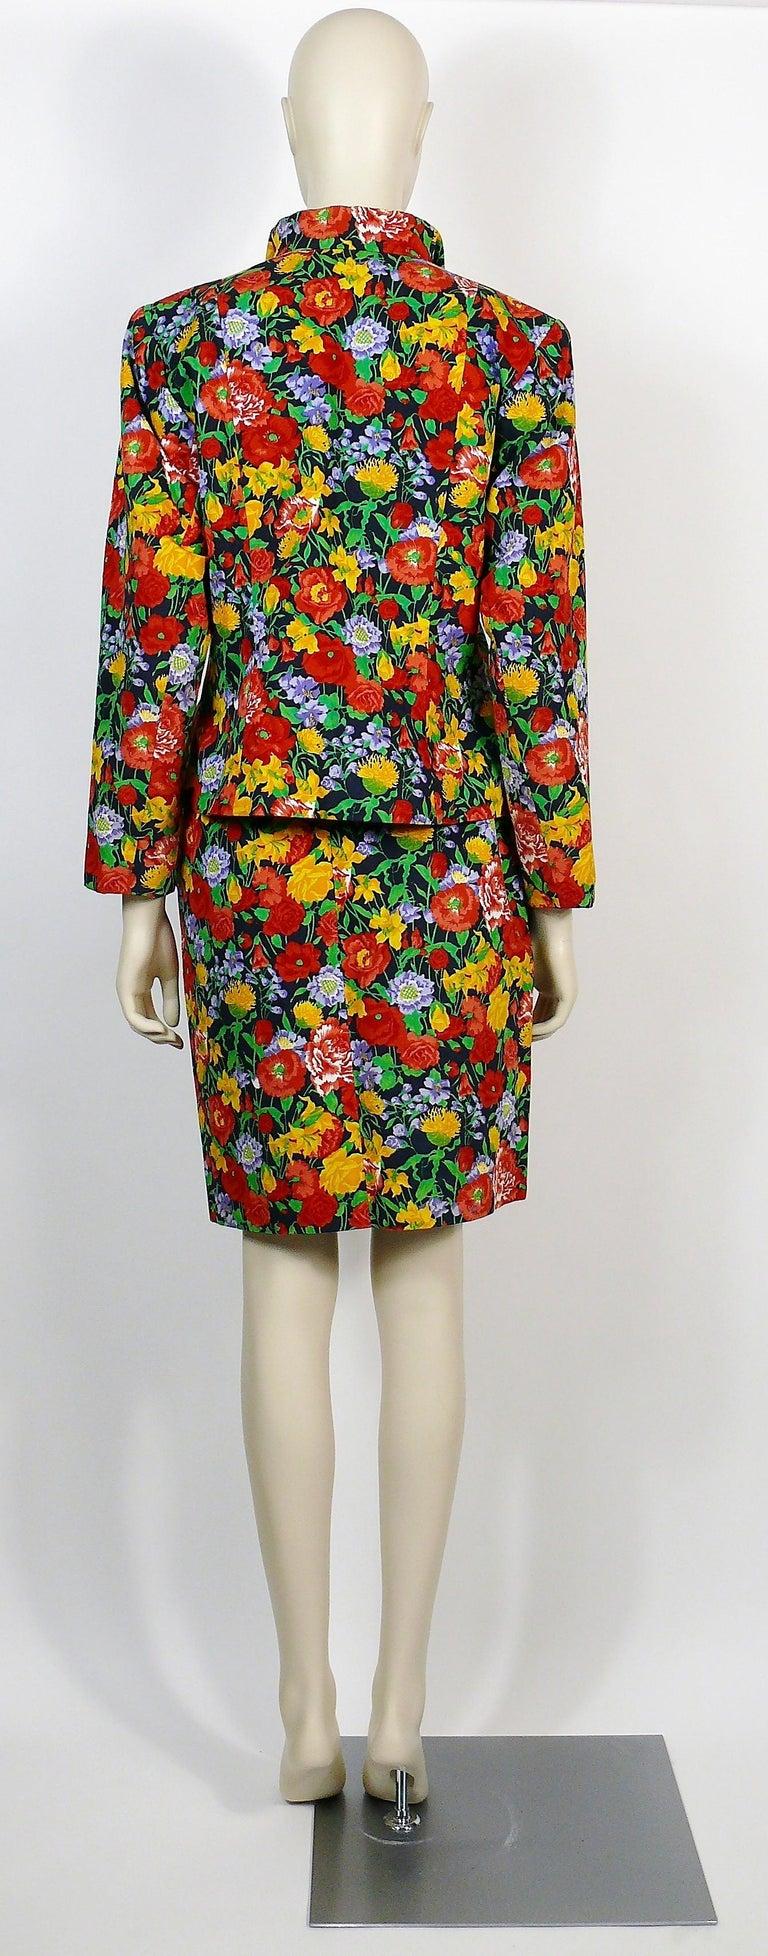 Yves Saint Laurent YSL Vintage Floral Print Skirt Suit Spring/Summer 1992 For Sale 3